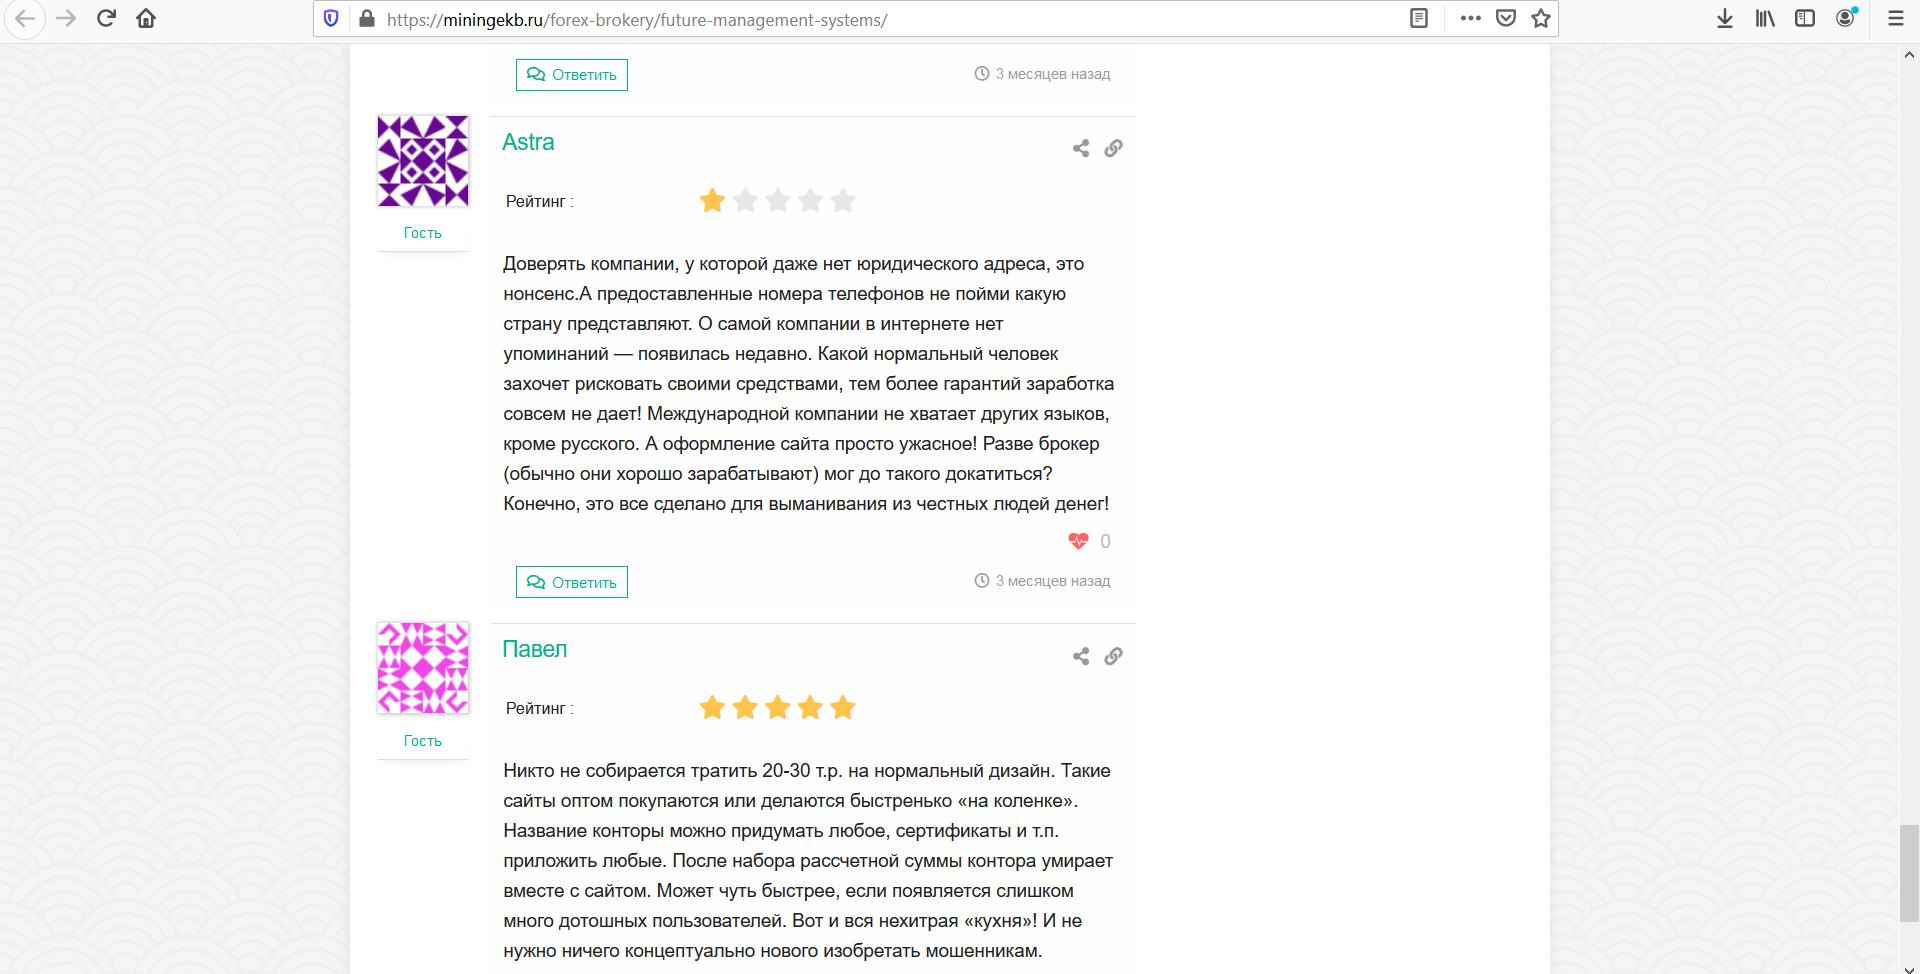 Реальные отзывы о Futurefx.org